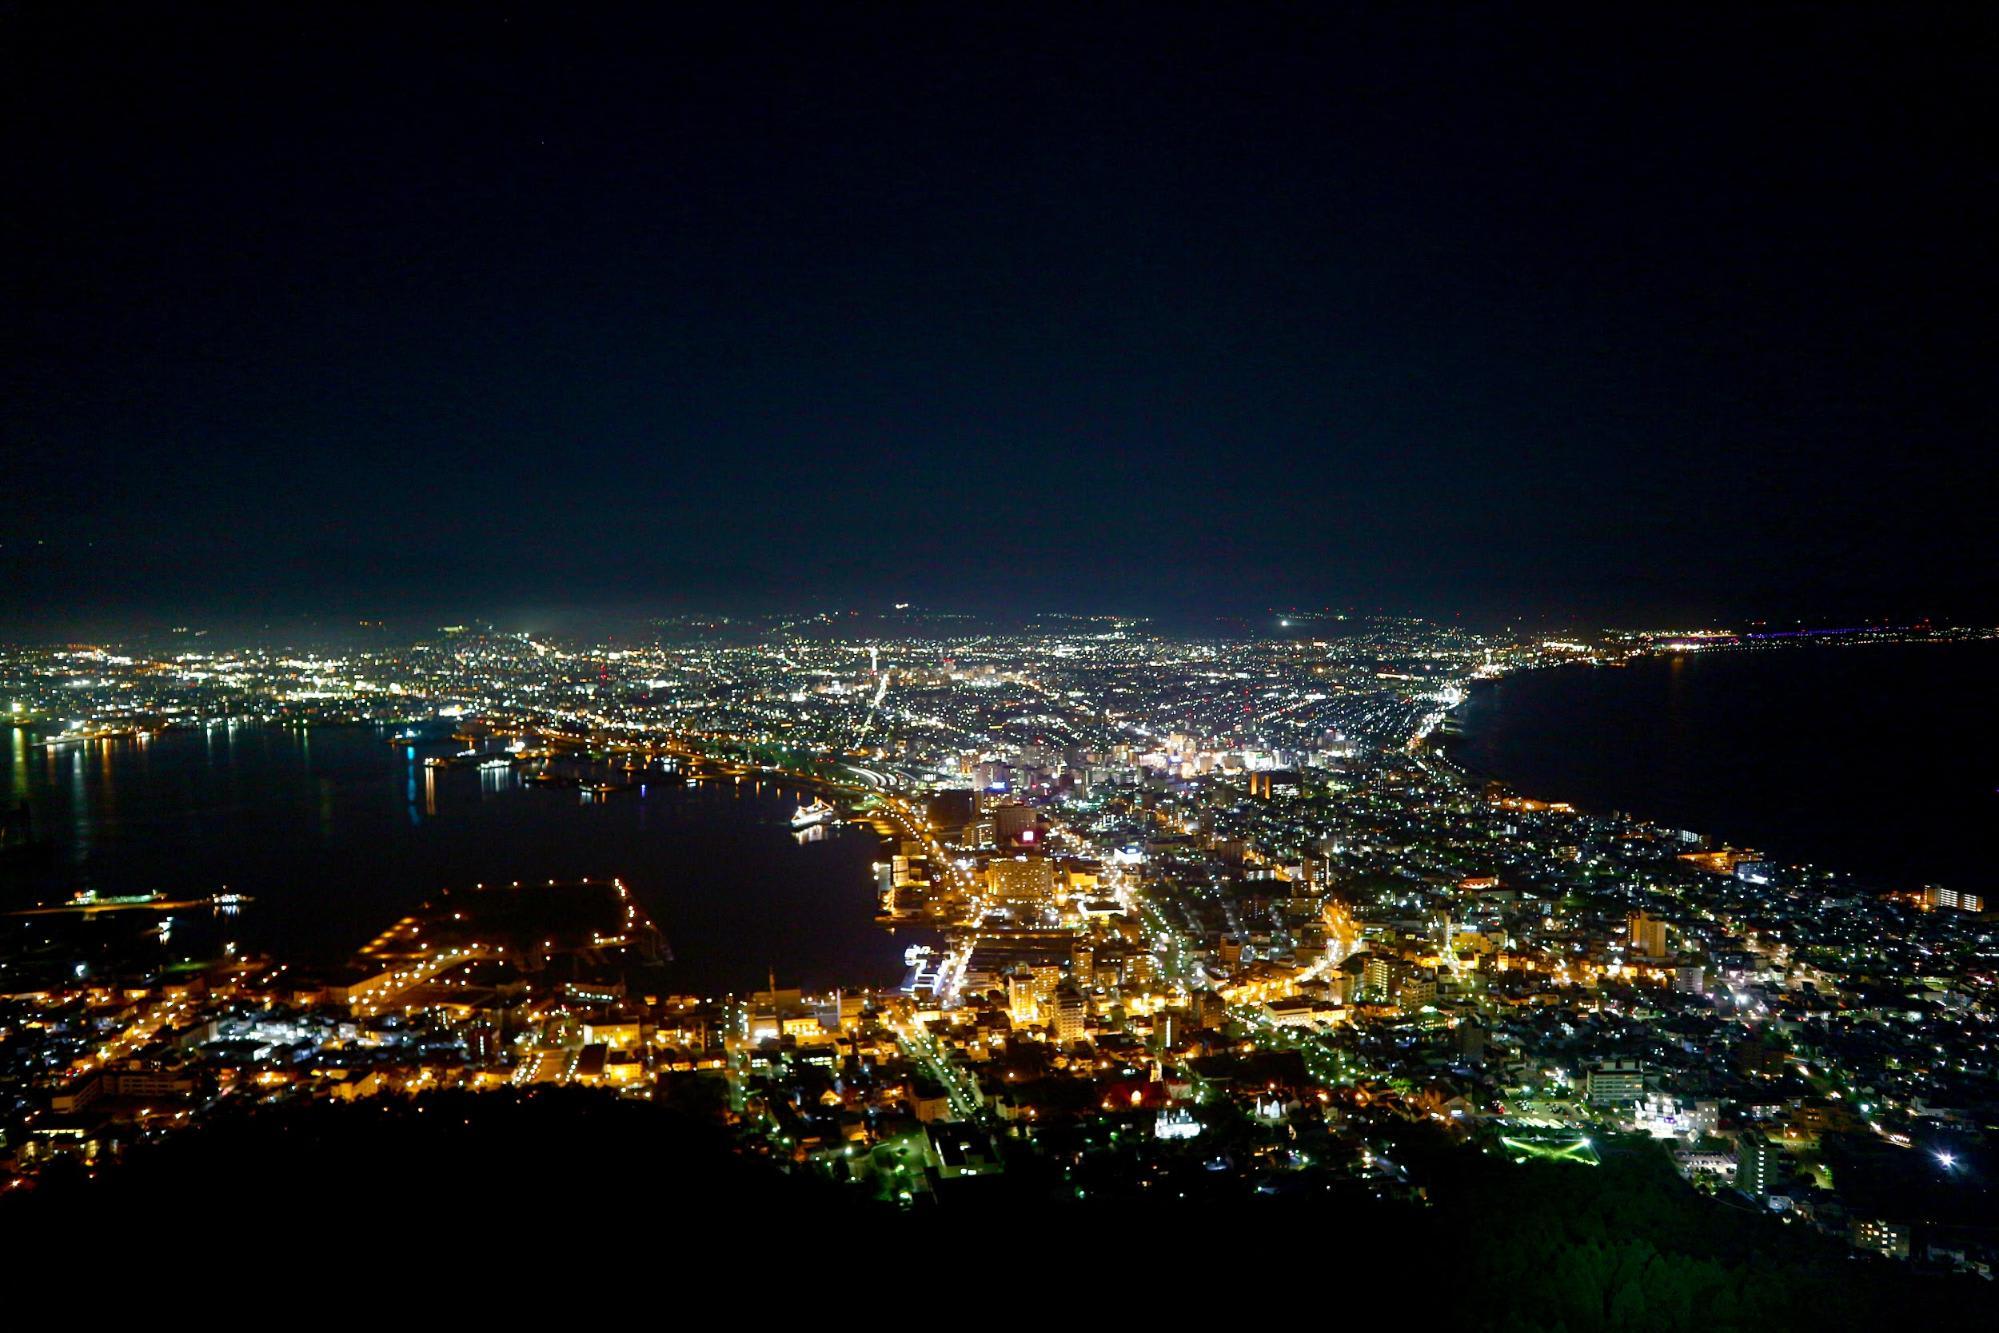 nhật bản về đêm nhìn từ núi hakodate